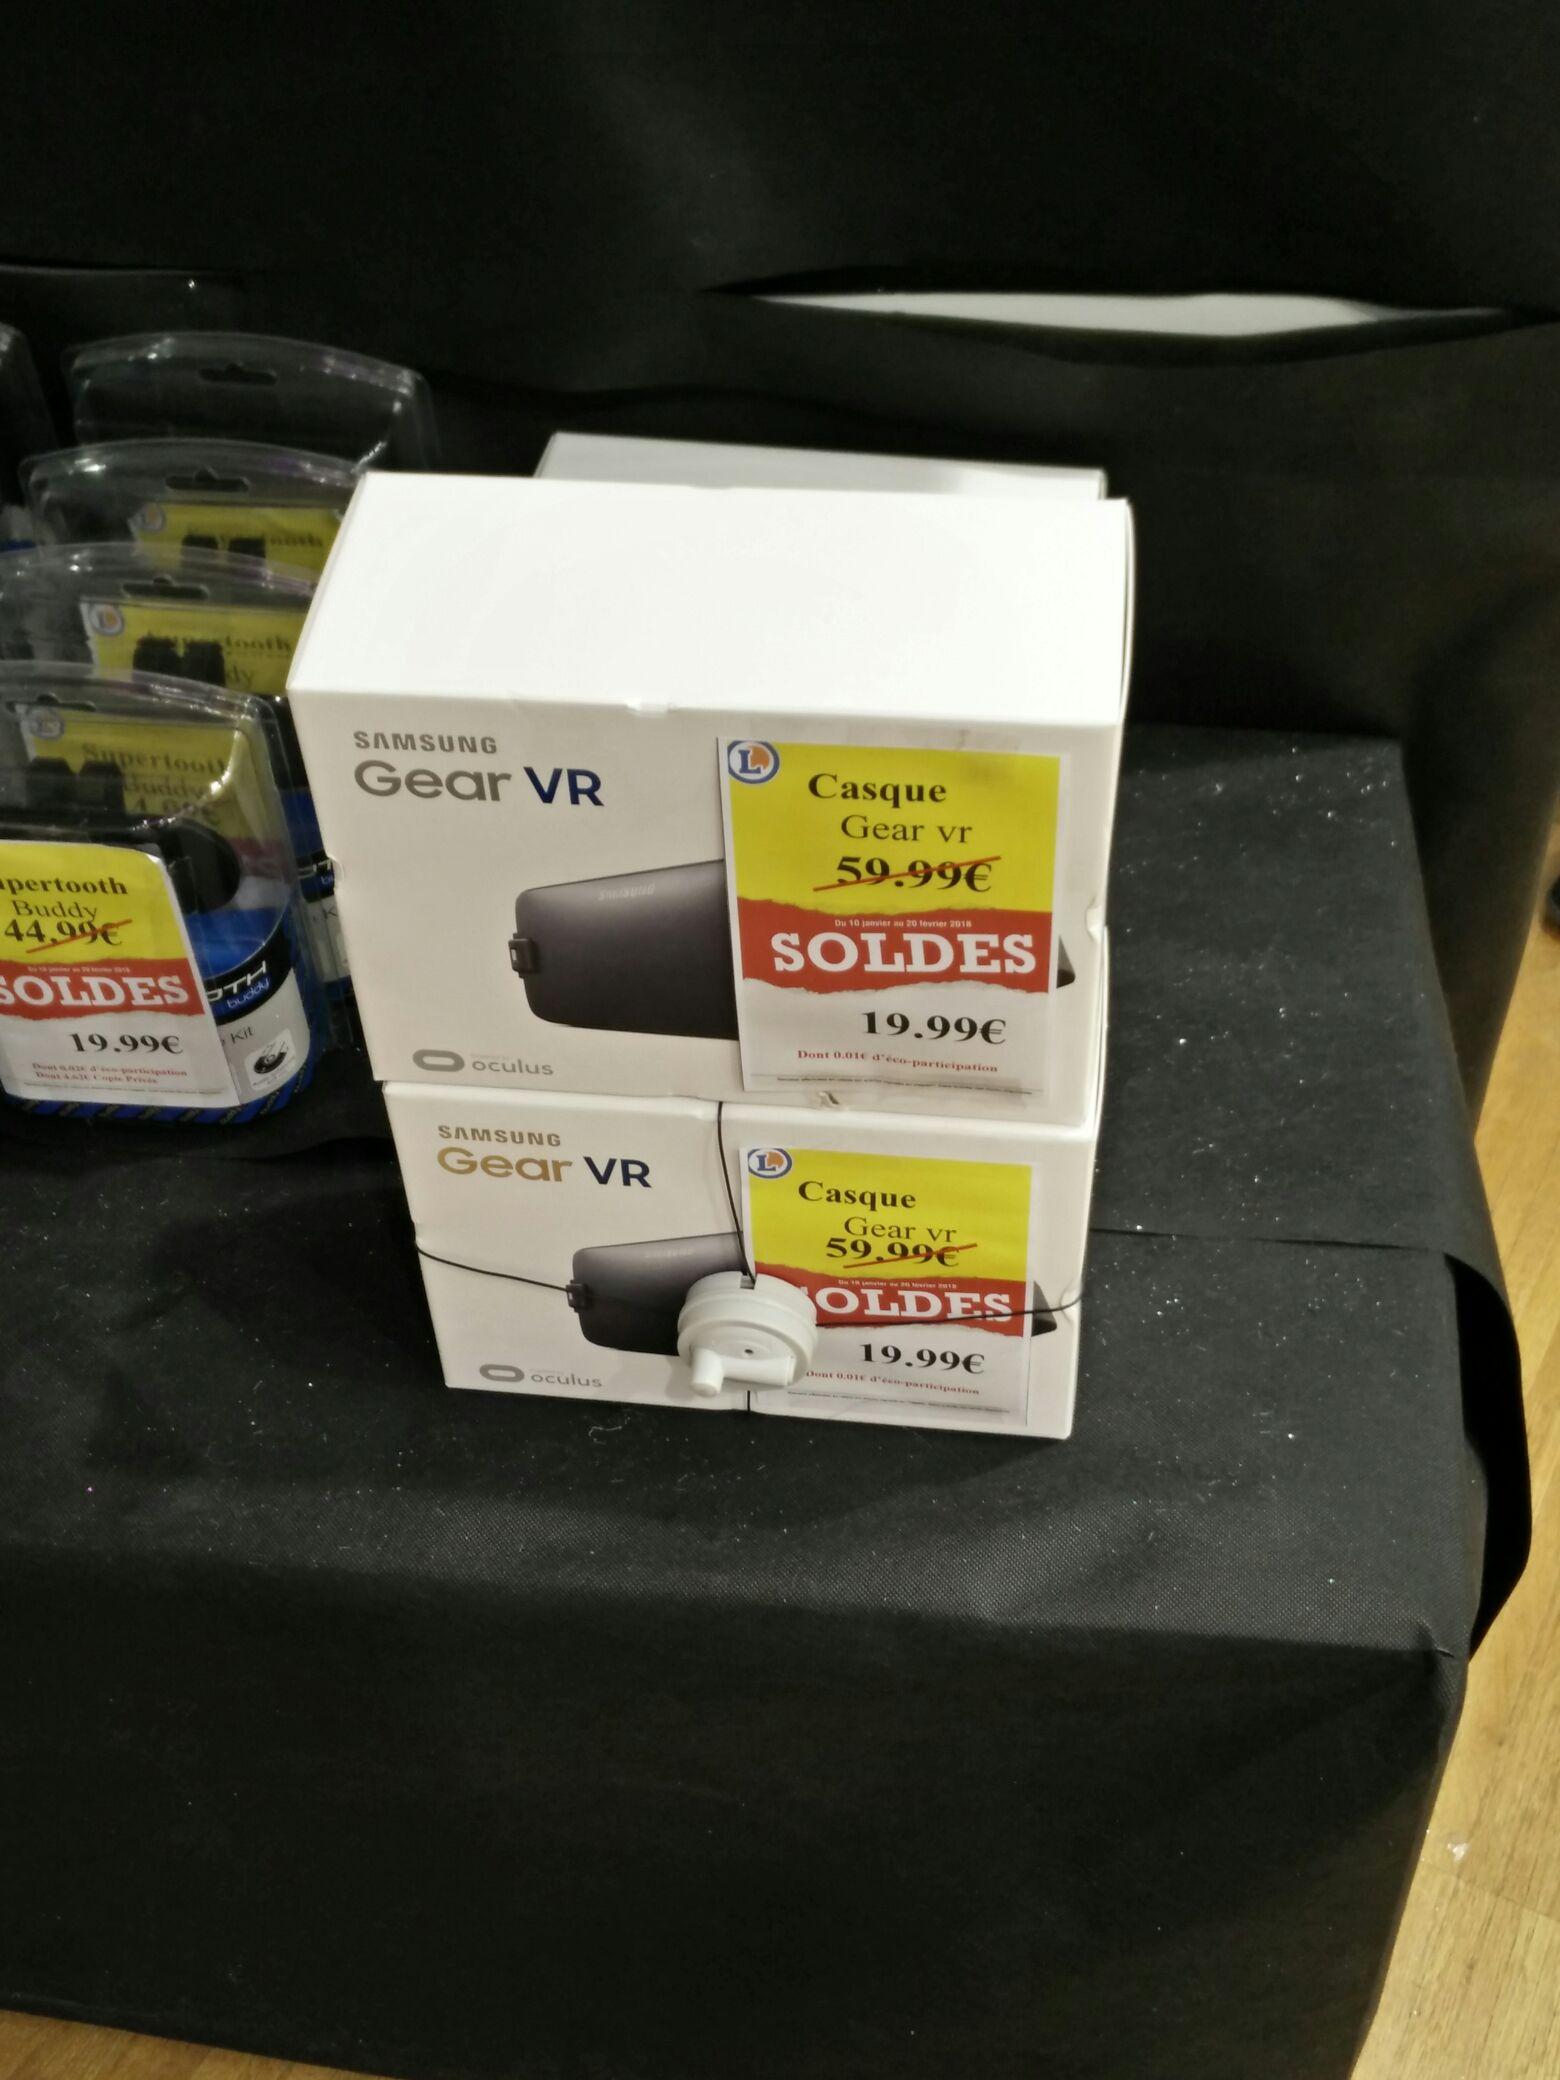 Casque de réalité virtuelle Samsung Gear VR au E.Leclerc Olonne-sur-Mer (85)